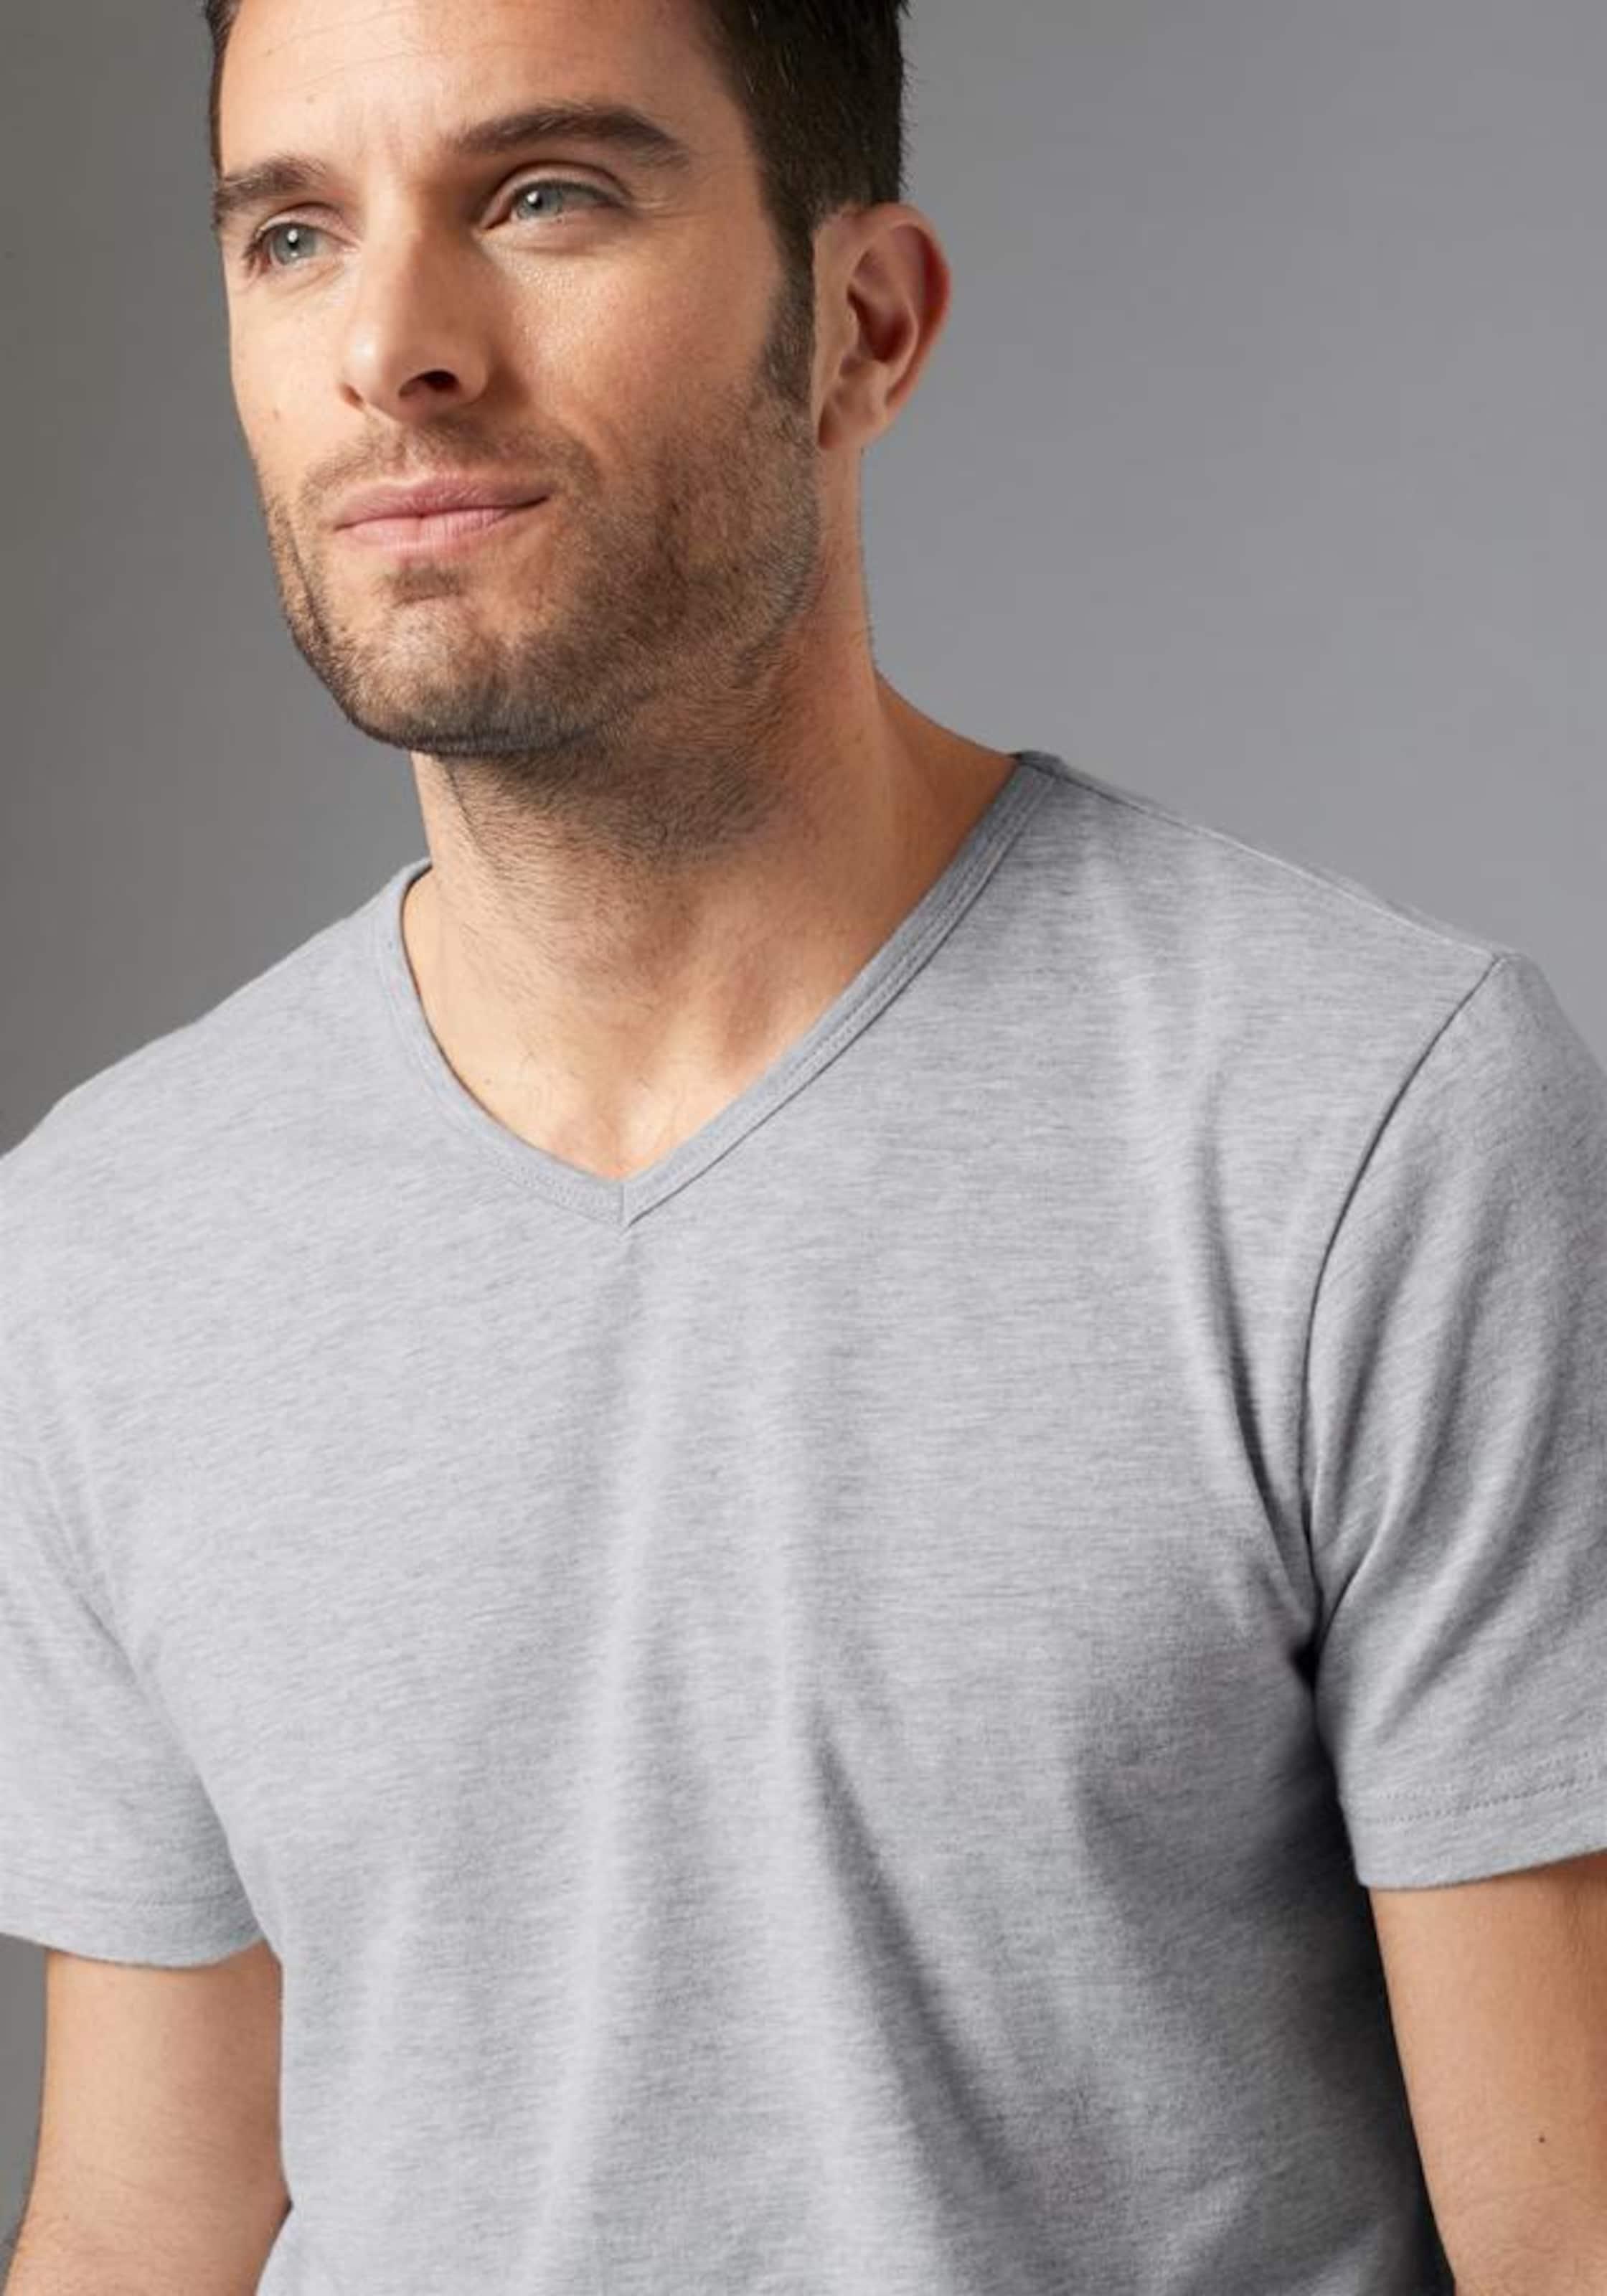 Nicekicks Eastbay Verkauf Online Guido Maria Kretschmer T-Shirt (3er-Pack) vVE0y8dw